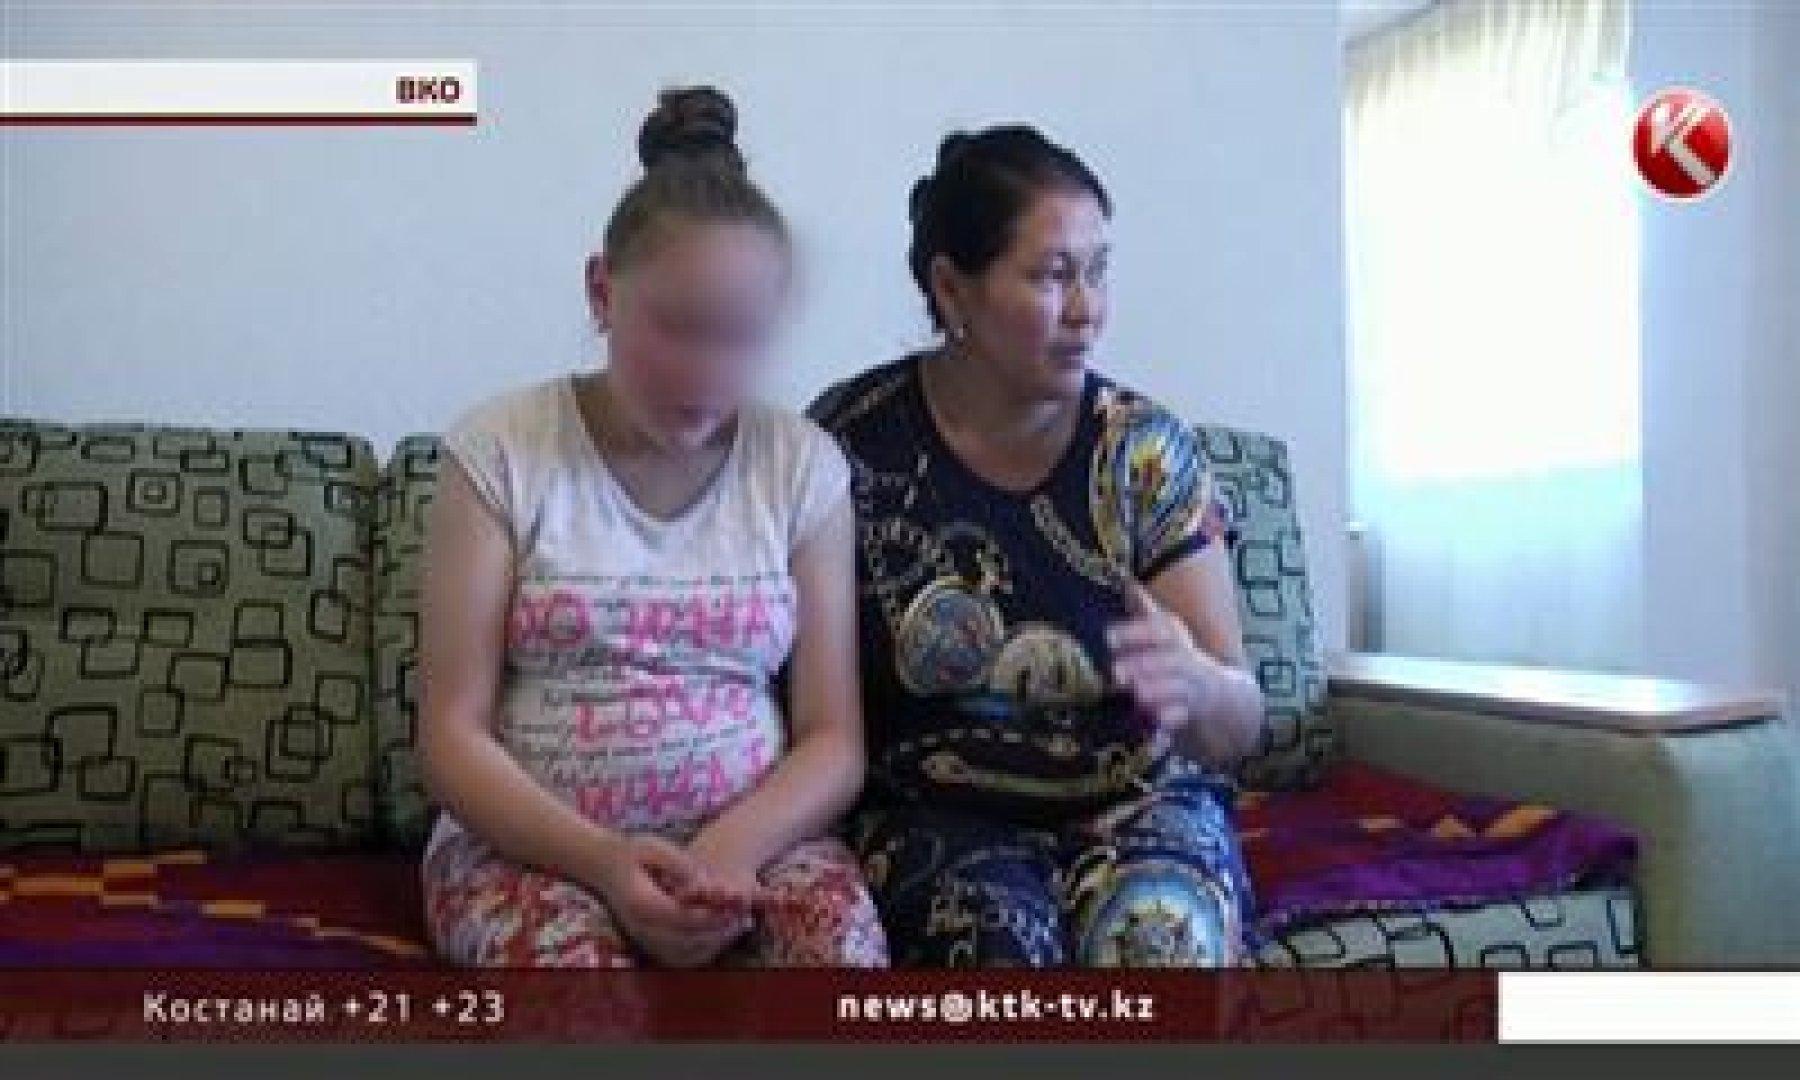 Старший брат оттрахал младшую сестру, Тощий парень ебет старшую сестру смотреть порно 22 фотография